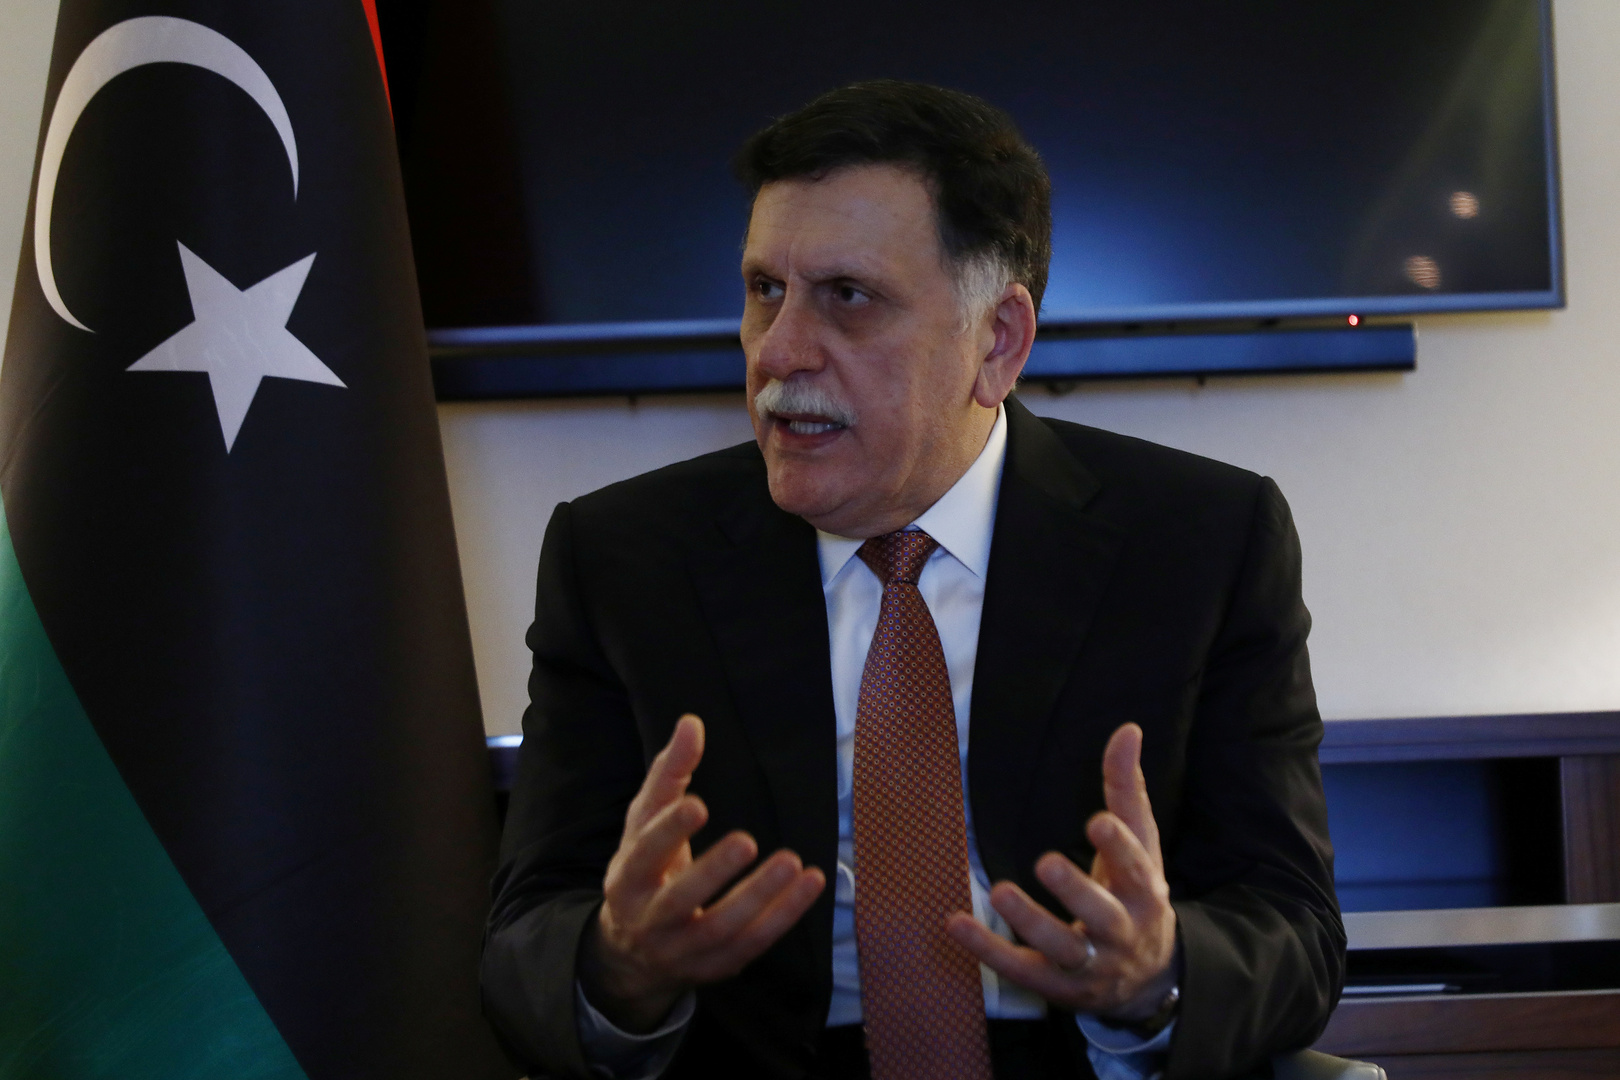 السراج تعليقا على المصالحة الخليجية: نأمل بأن تساهم في إنهاء التدخلات السلبية في ليبيا